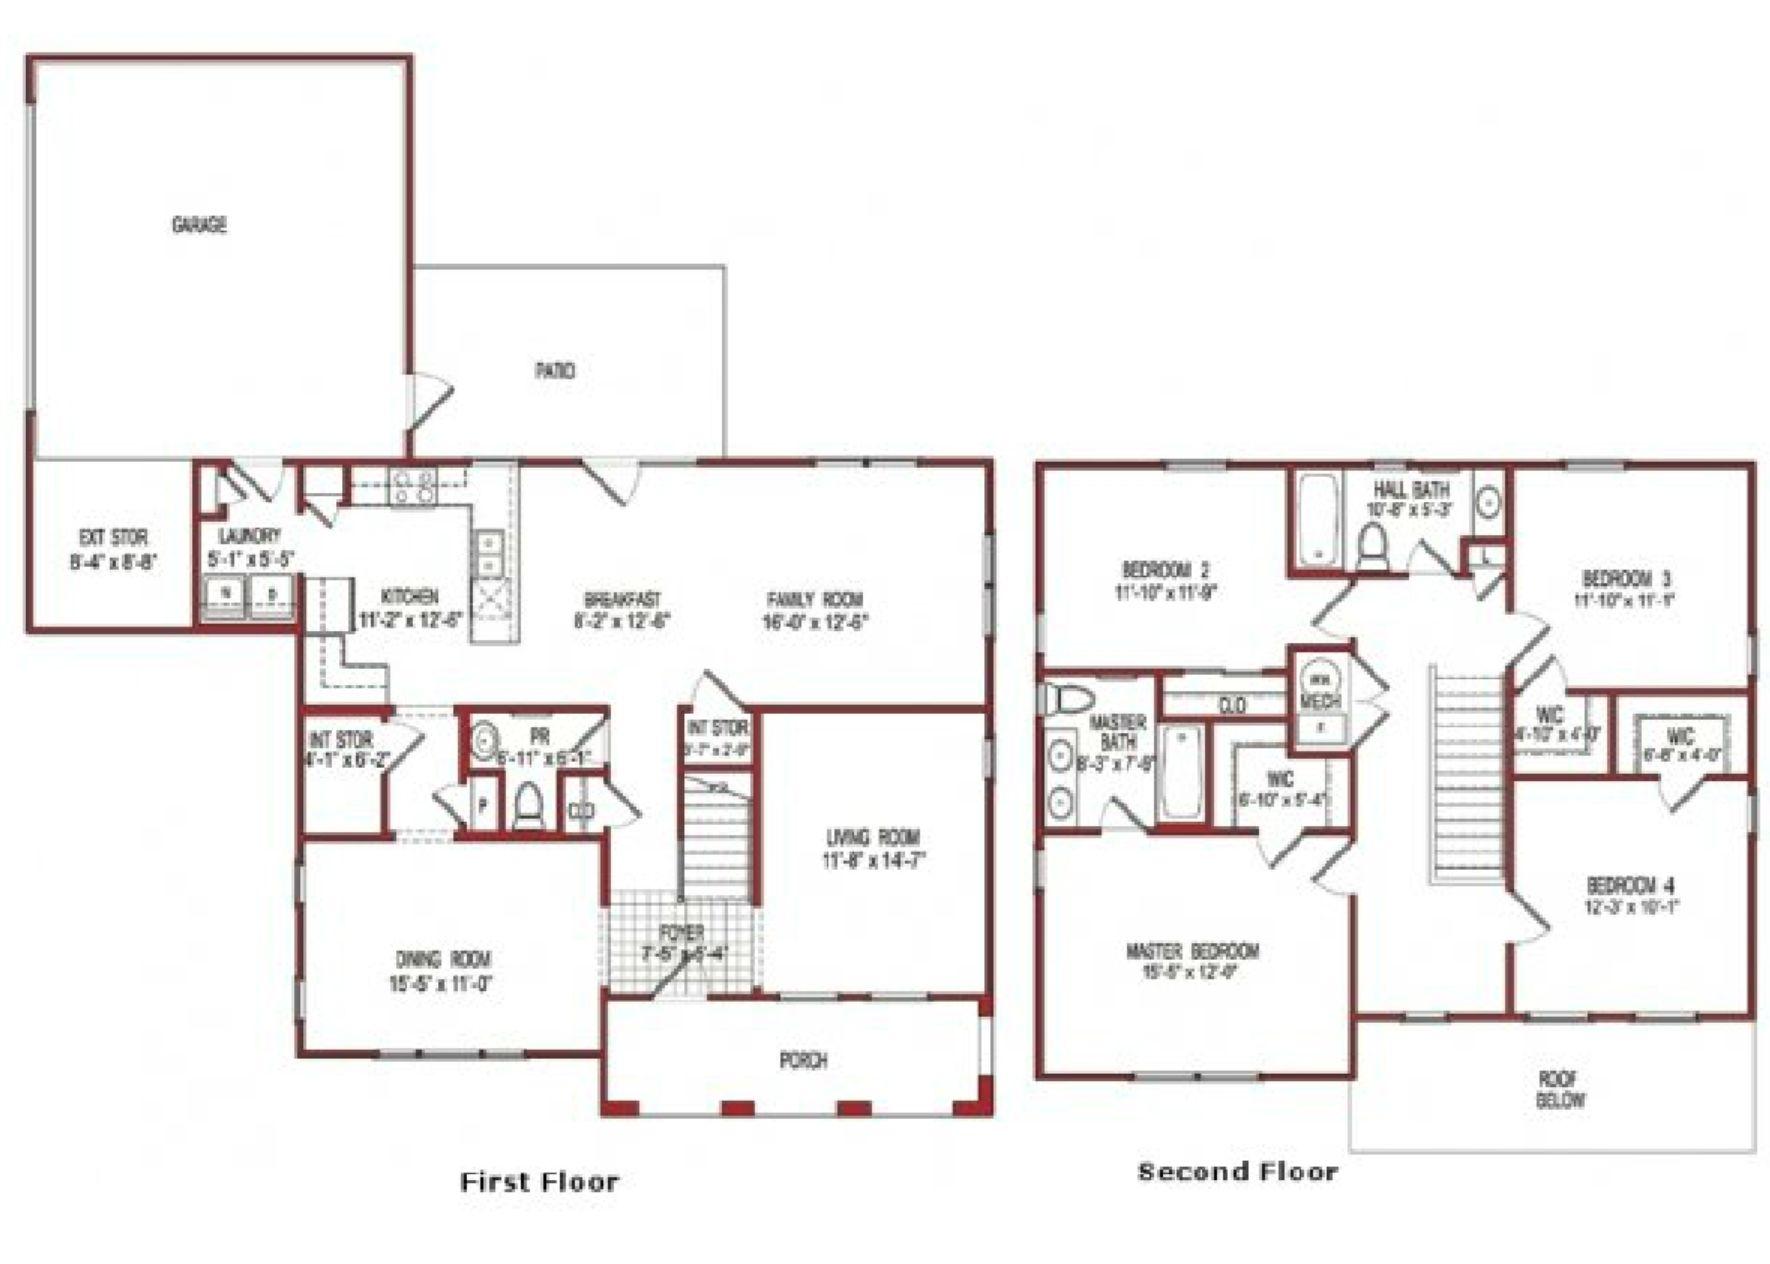 nsa monterey u2013 capehart forest neighborhood 4 bedroom home floor